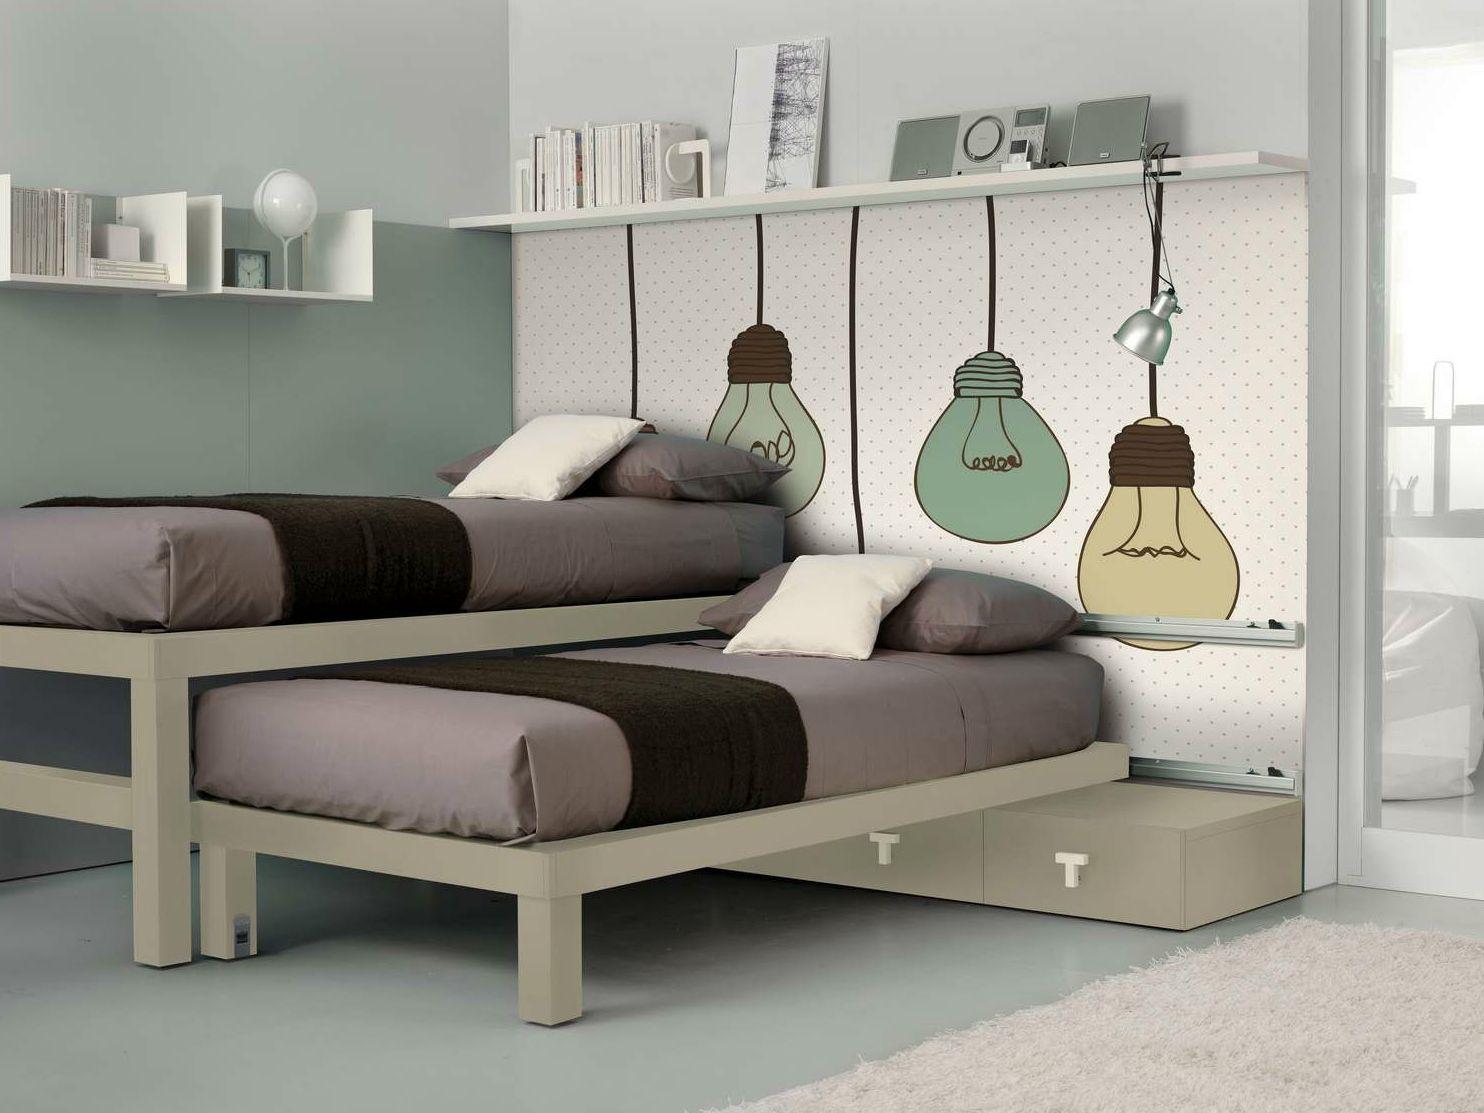 Camerette decorate ~ Risultati immagini per tumidei camerette ideas casa